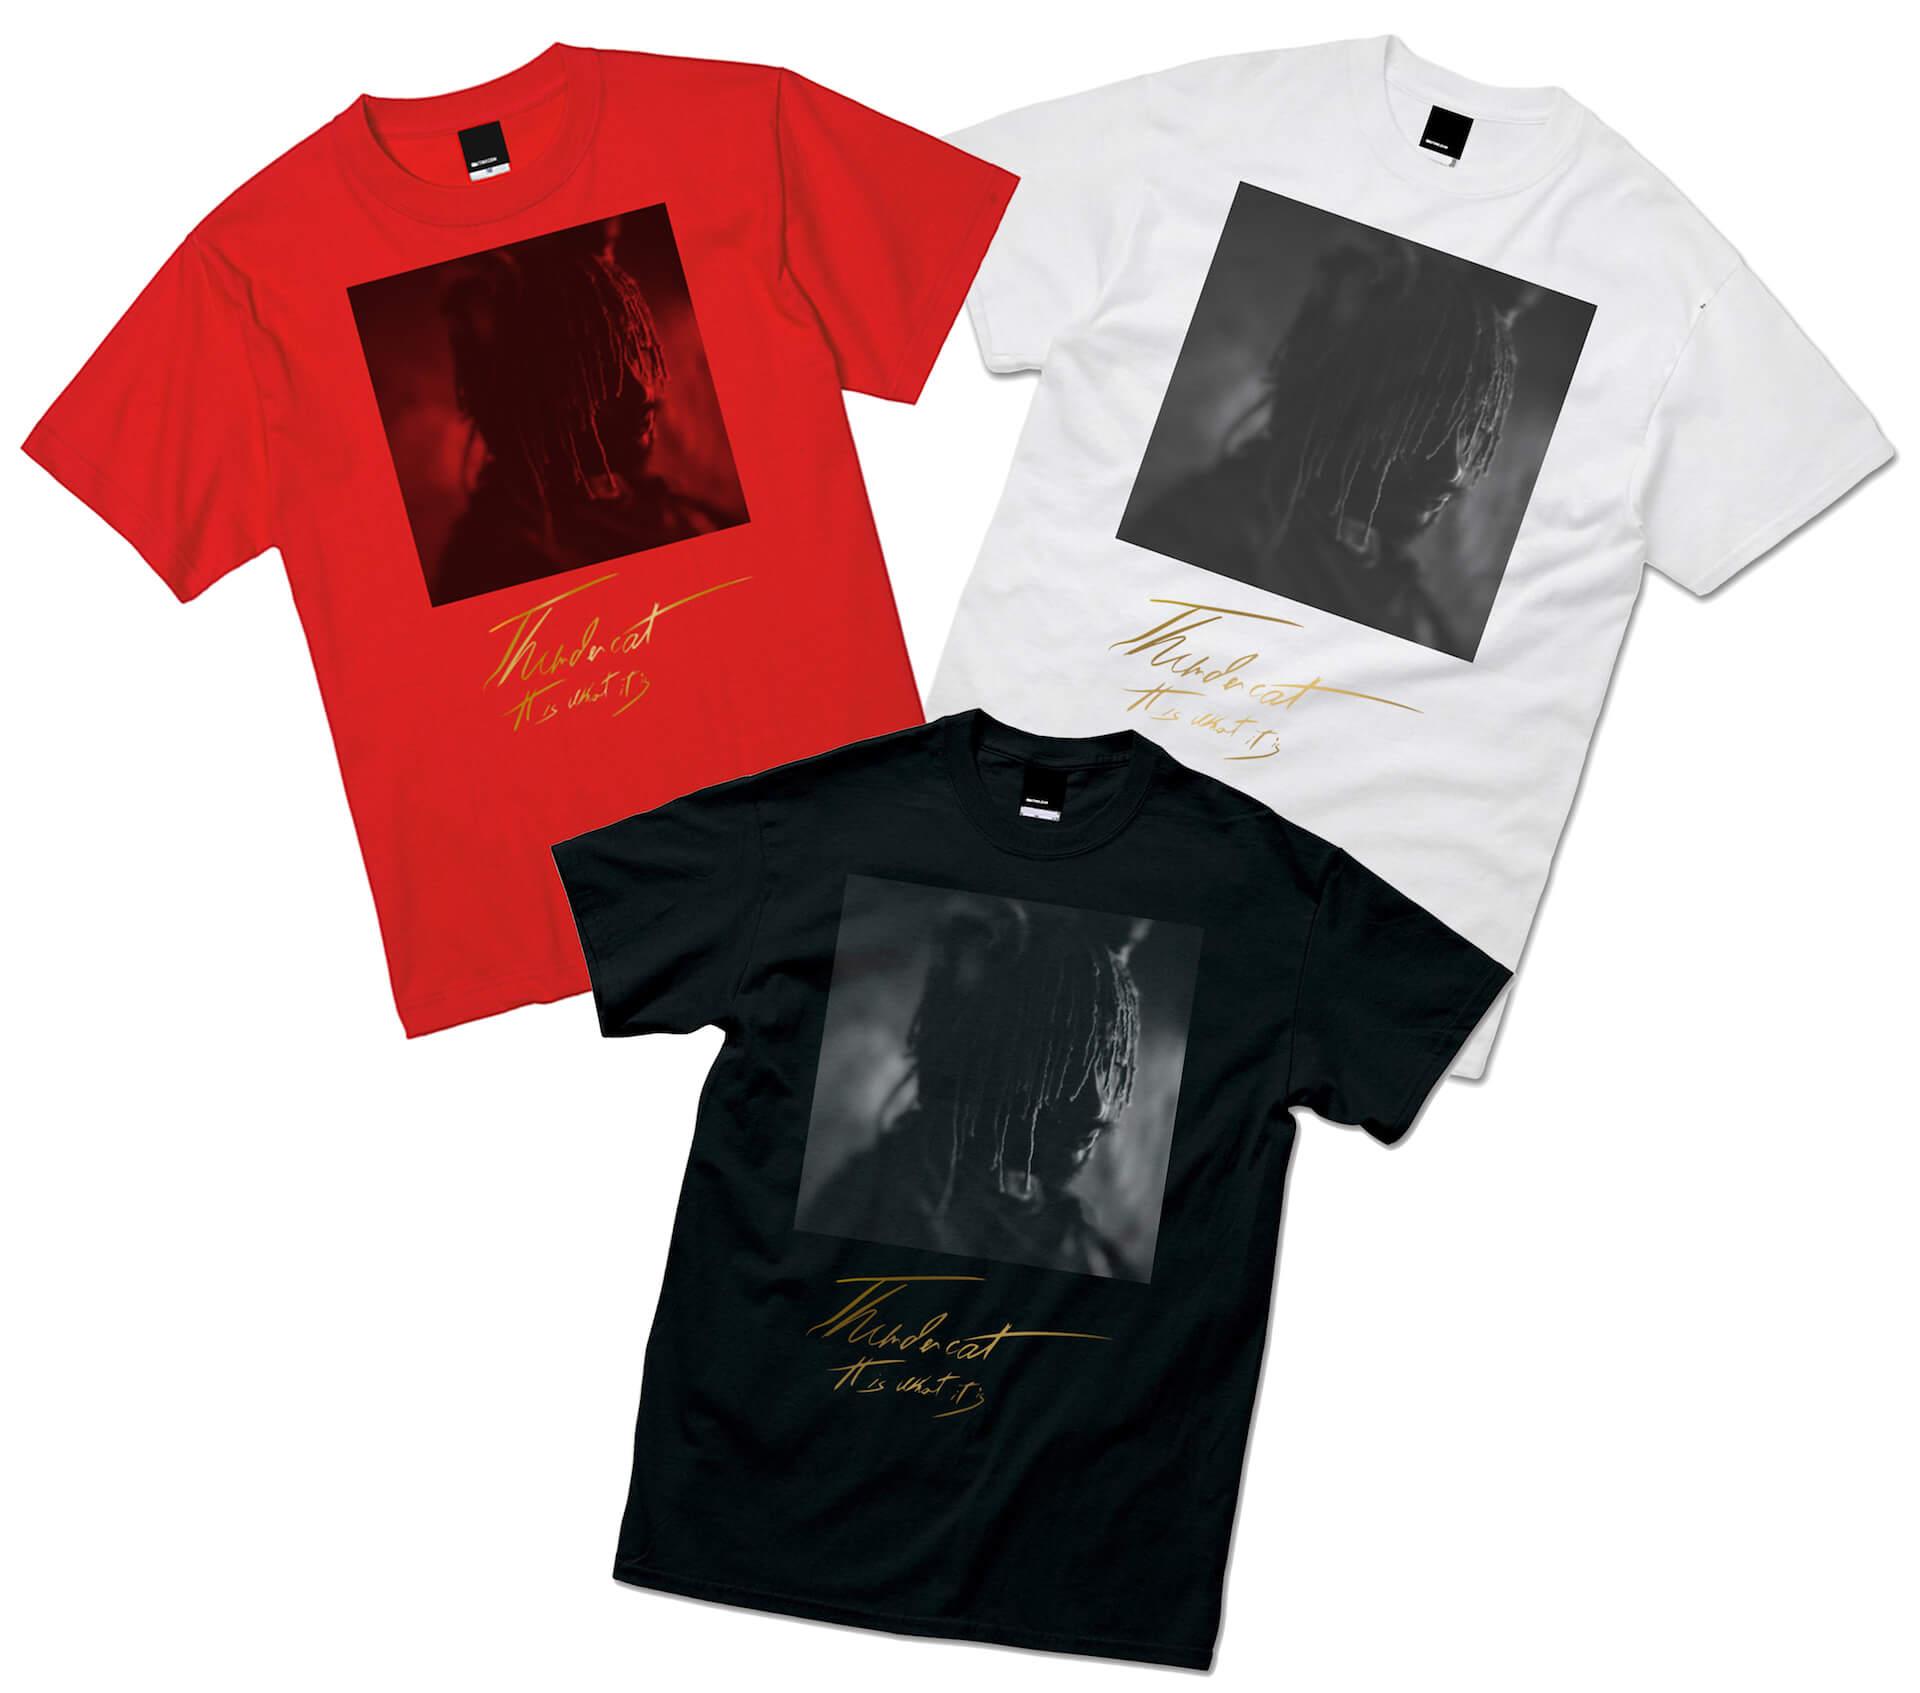 サンダーキャット話題の新作『It Is What It Is』の限定Tシャツセットデザインが公開|4種展開のLPプロダクトショットも解禁 music200129_thundercat_17